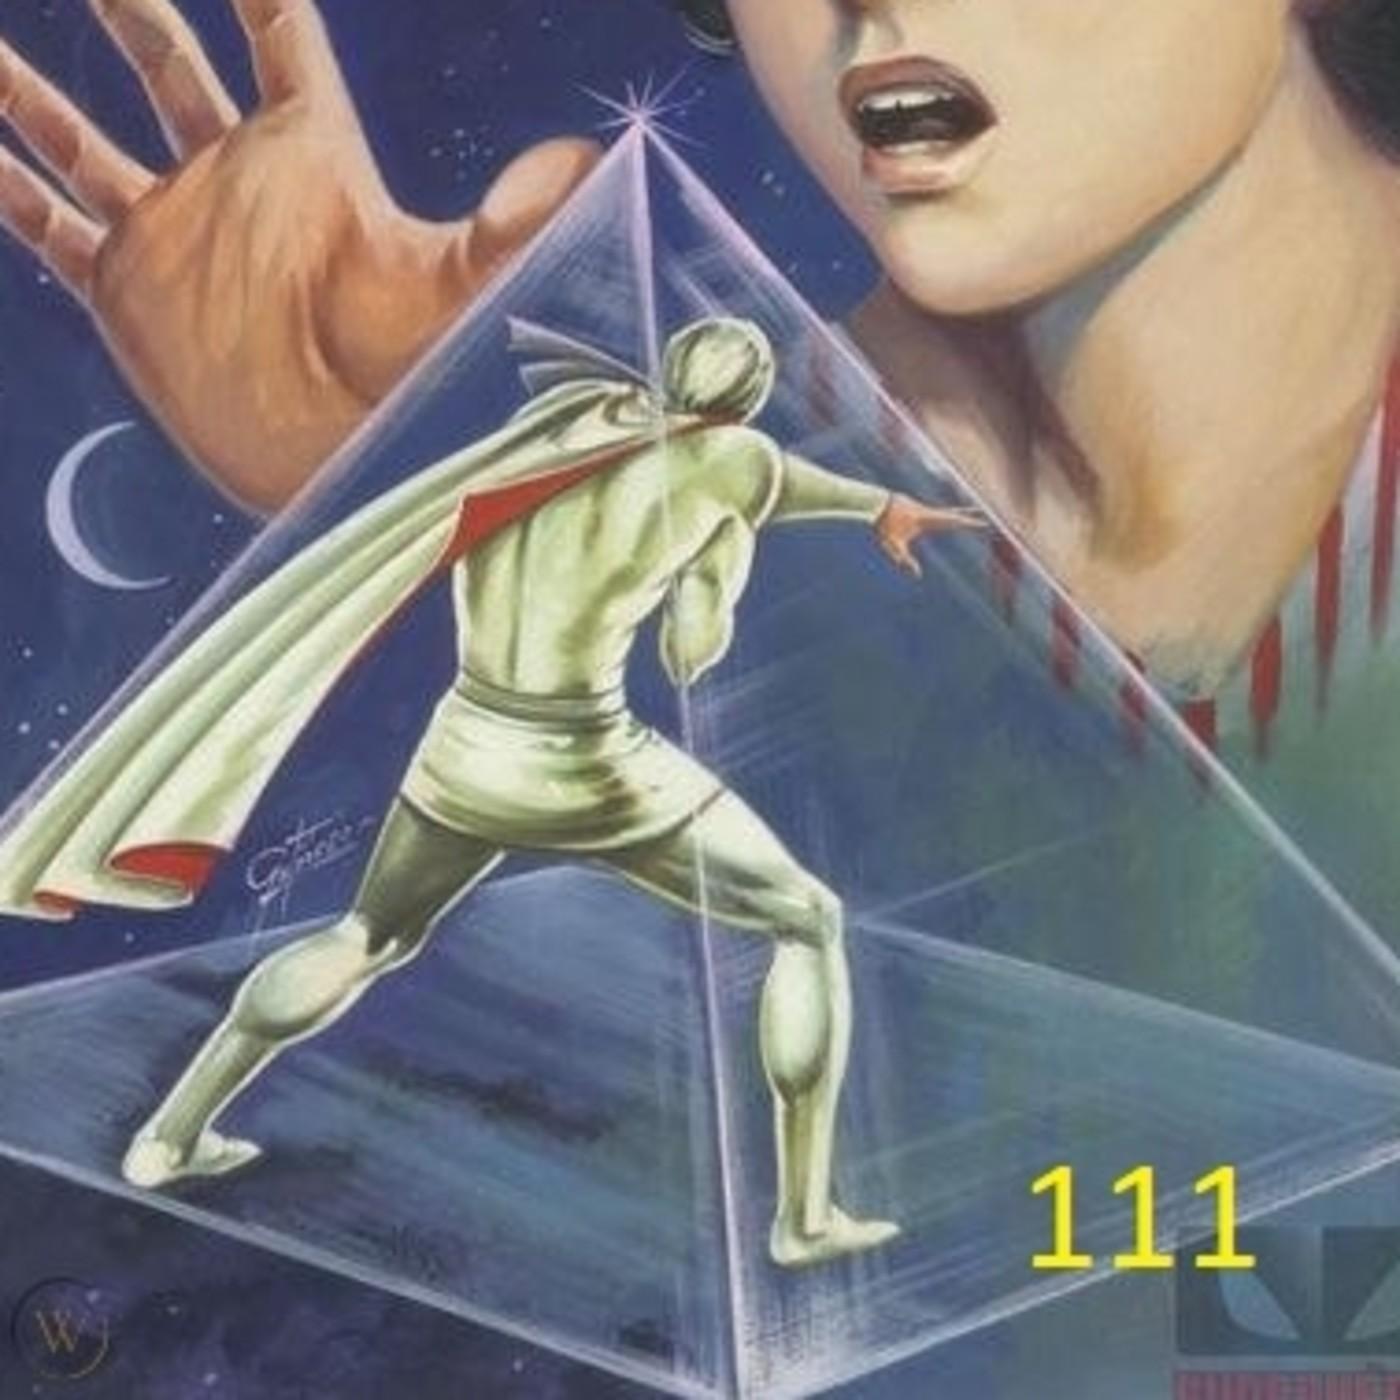 30x111 Muerte en la cuarta dimensión Kaliman